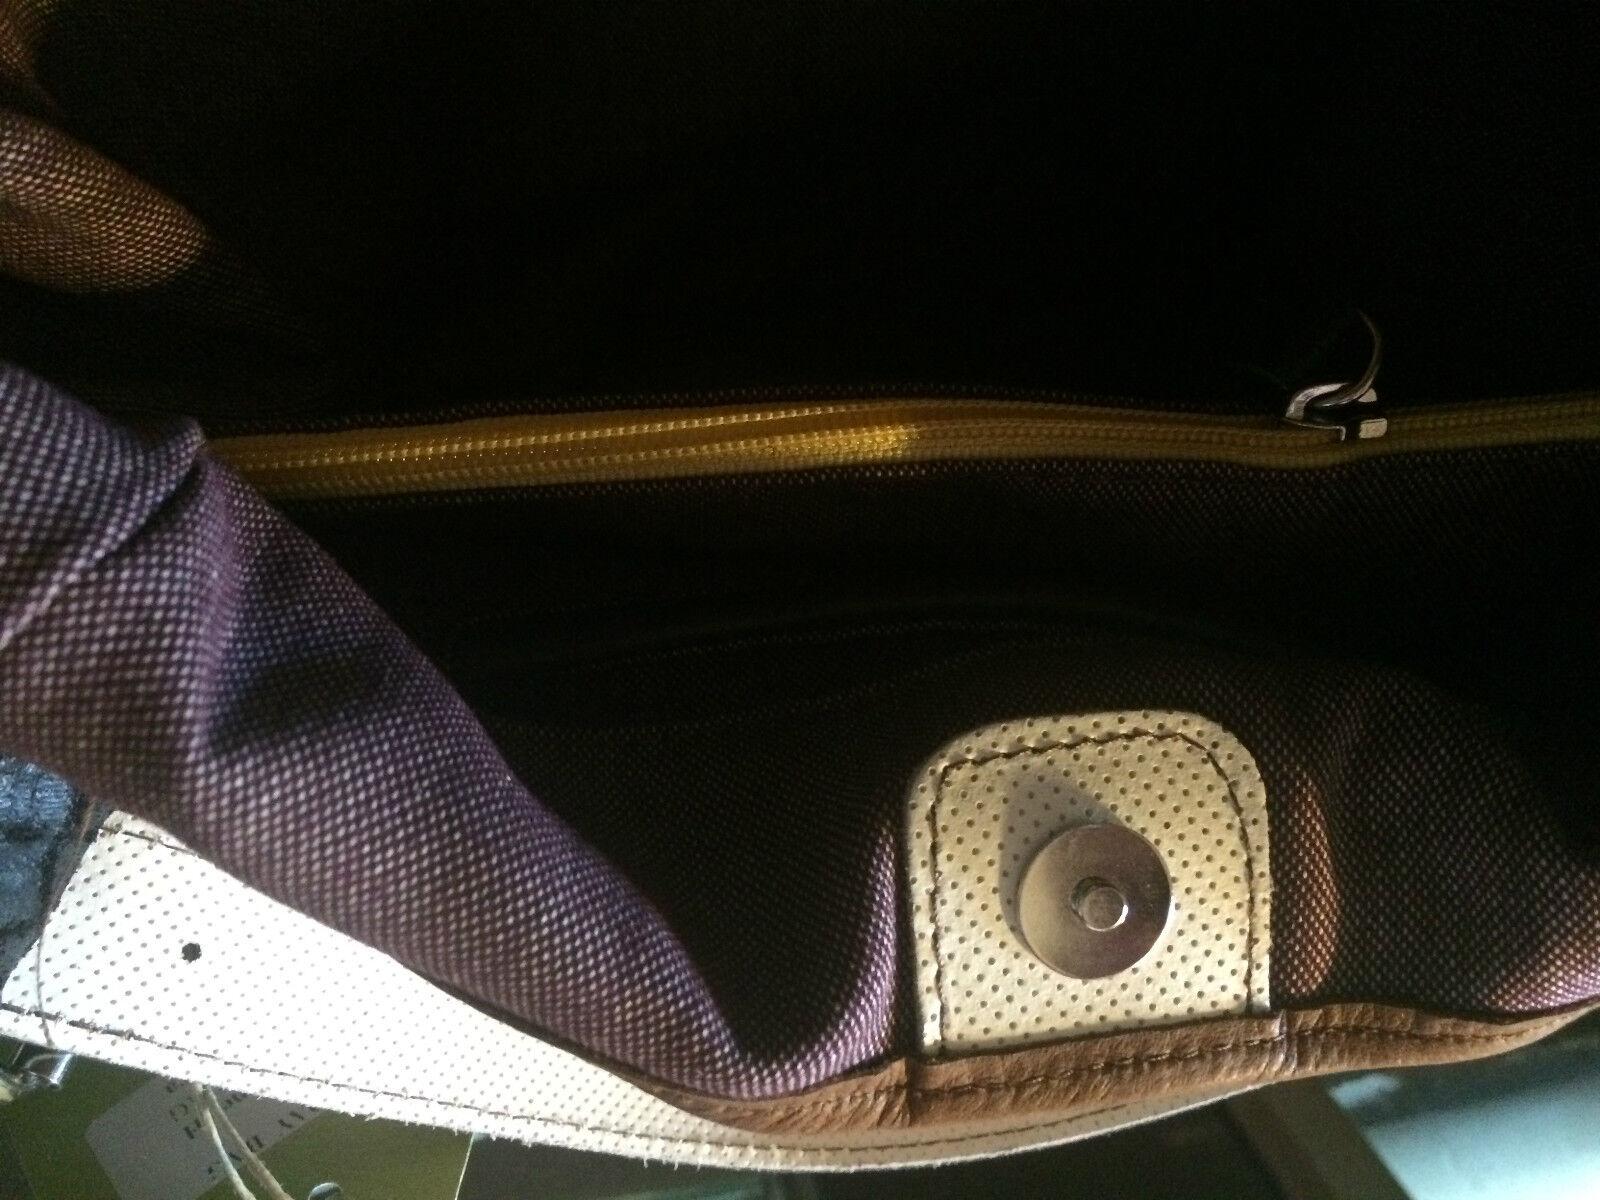 Ebarrito Ebarrito Ebarrito Handtasche echt Leder Handarbeit Shopper groß bunt Luxus   Innovation    Um Sowohl Die Qualität Der Zähigkeit Und Härte    Kaufen Sie beruhigt und glücklich spielen  7e4264